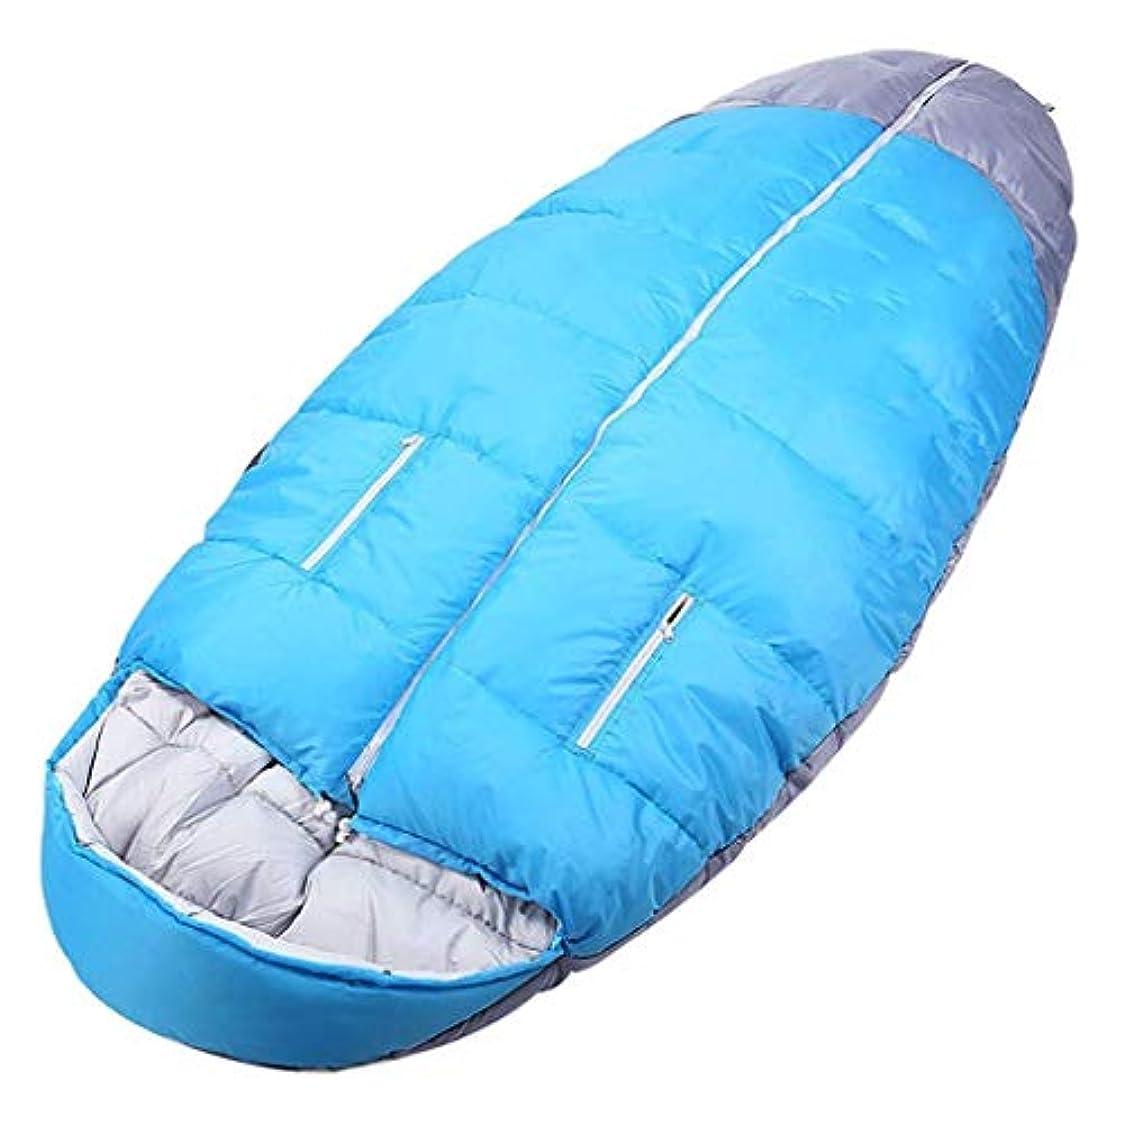 スワップ寮消毒する大人のオーバル寝袋フード付き防水軽量暖かい4シーズン寝台用キャンプ旅行ハイキング屋内野外活動青